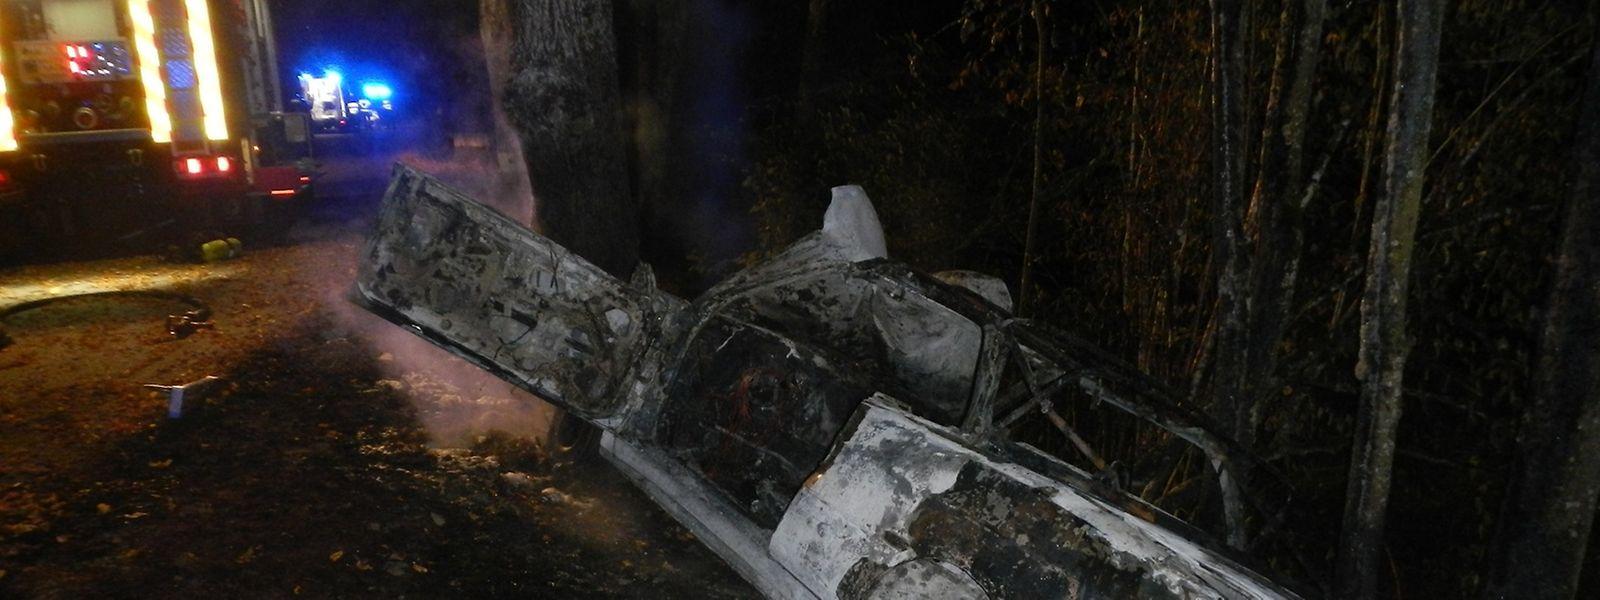 De la voiture, il ne restait plus que la carcasse.